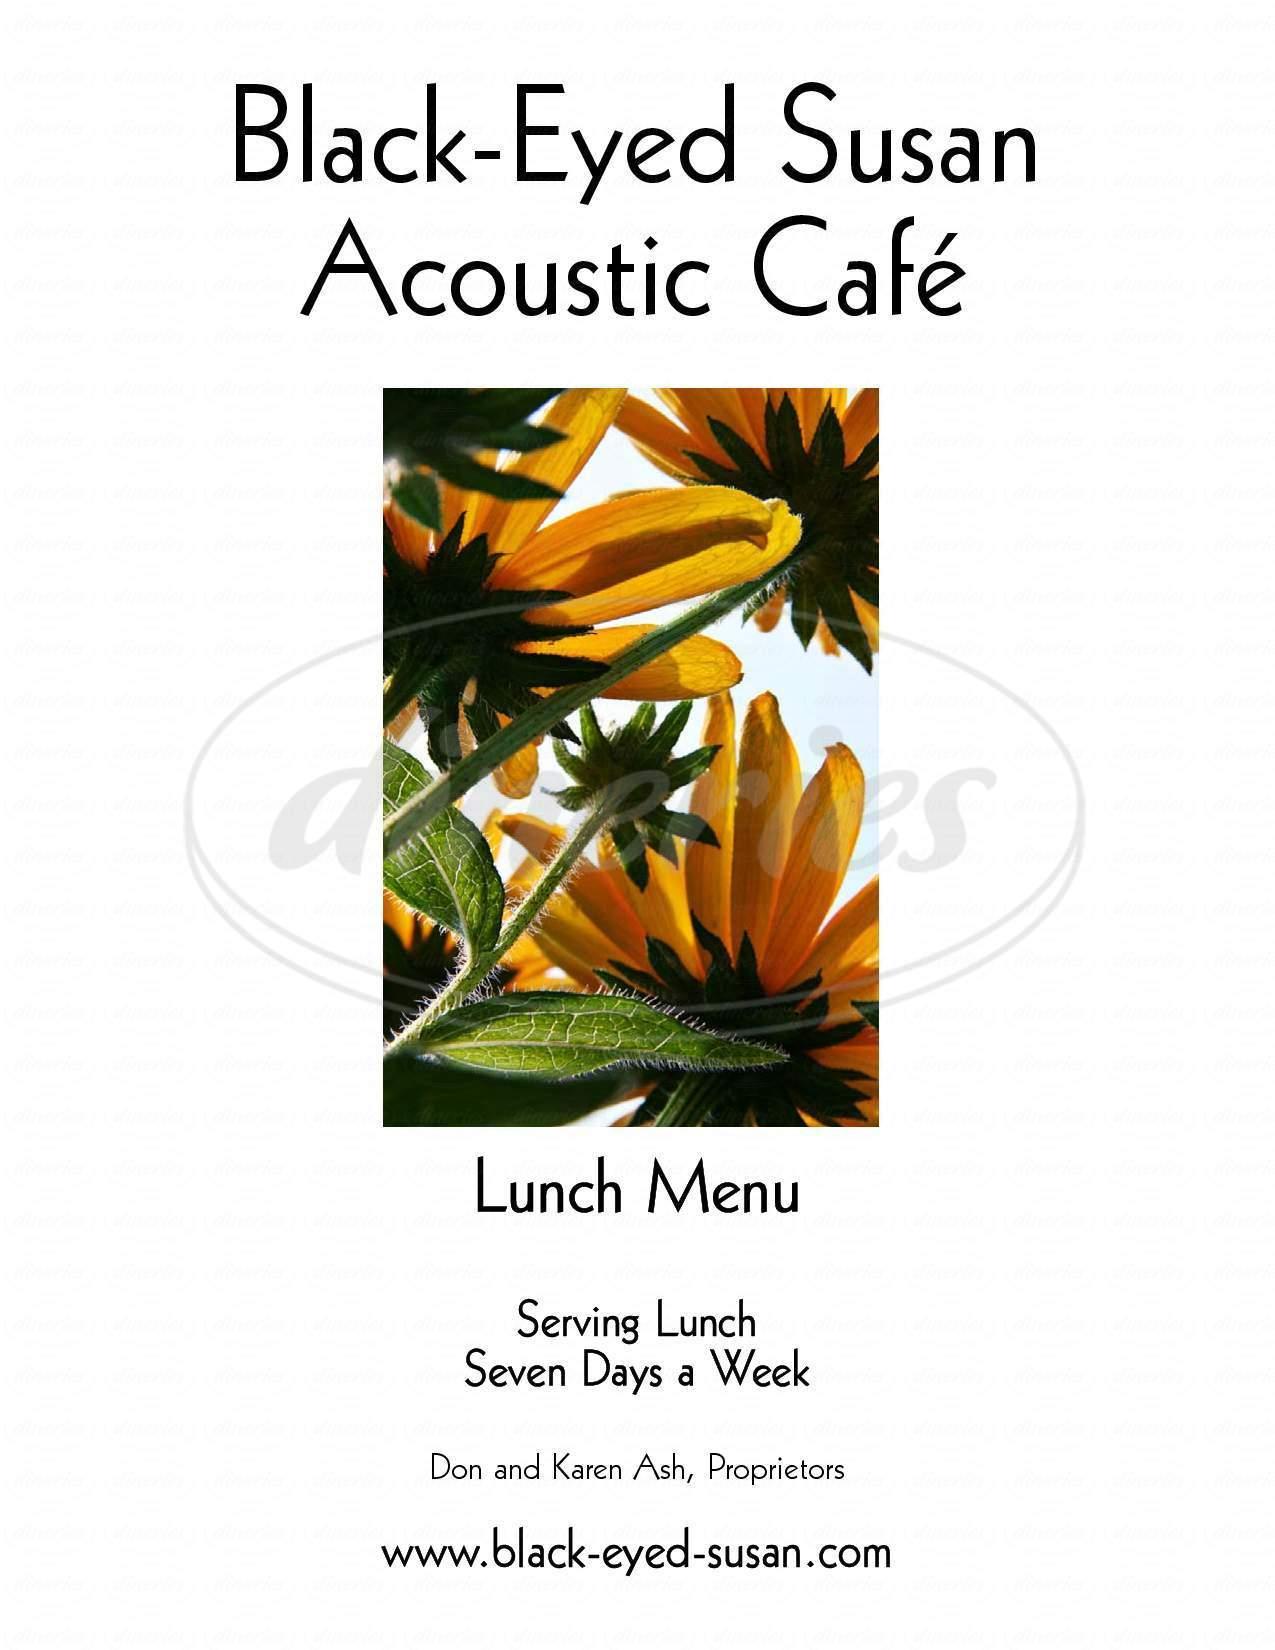 menu for Black-Eyed Susan Acoustic Cafe